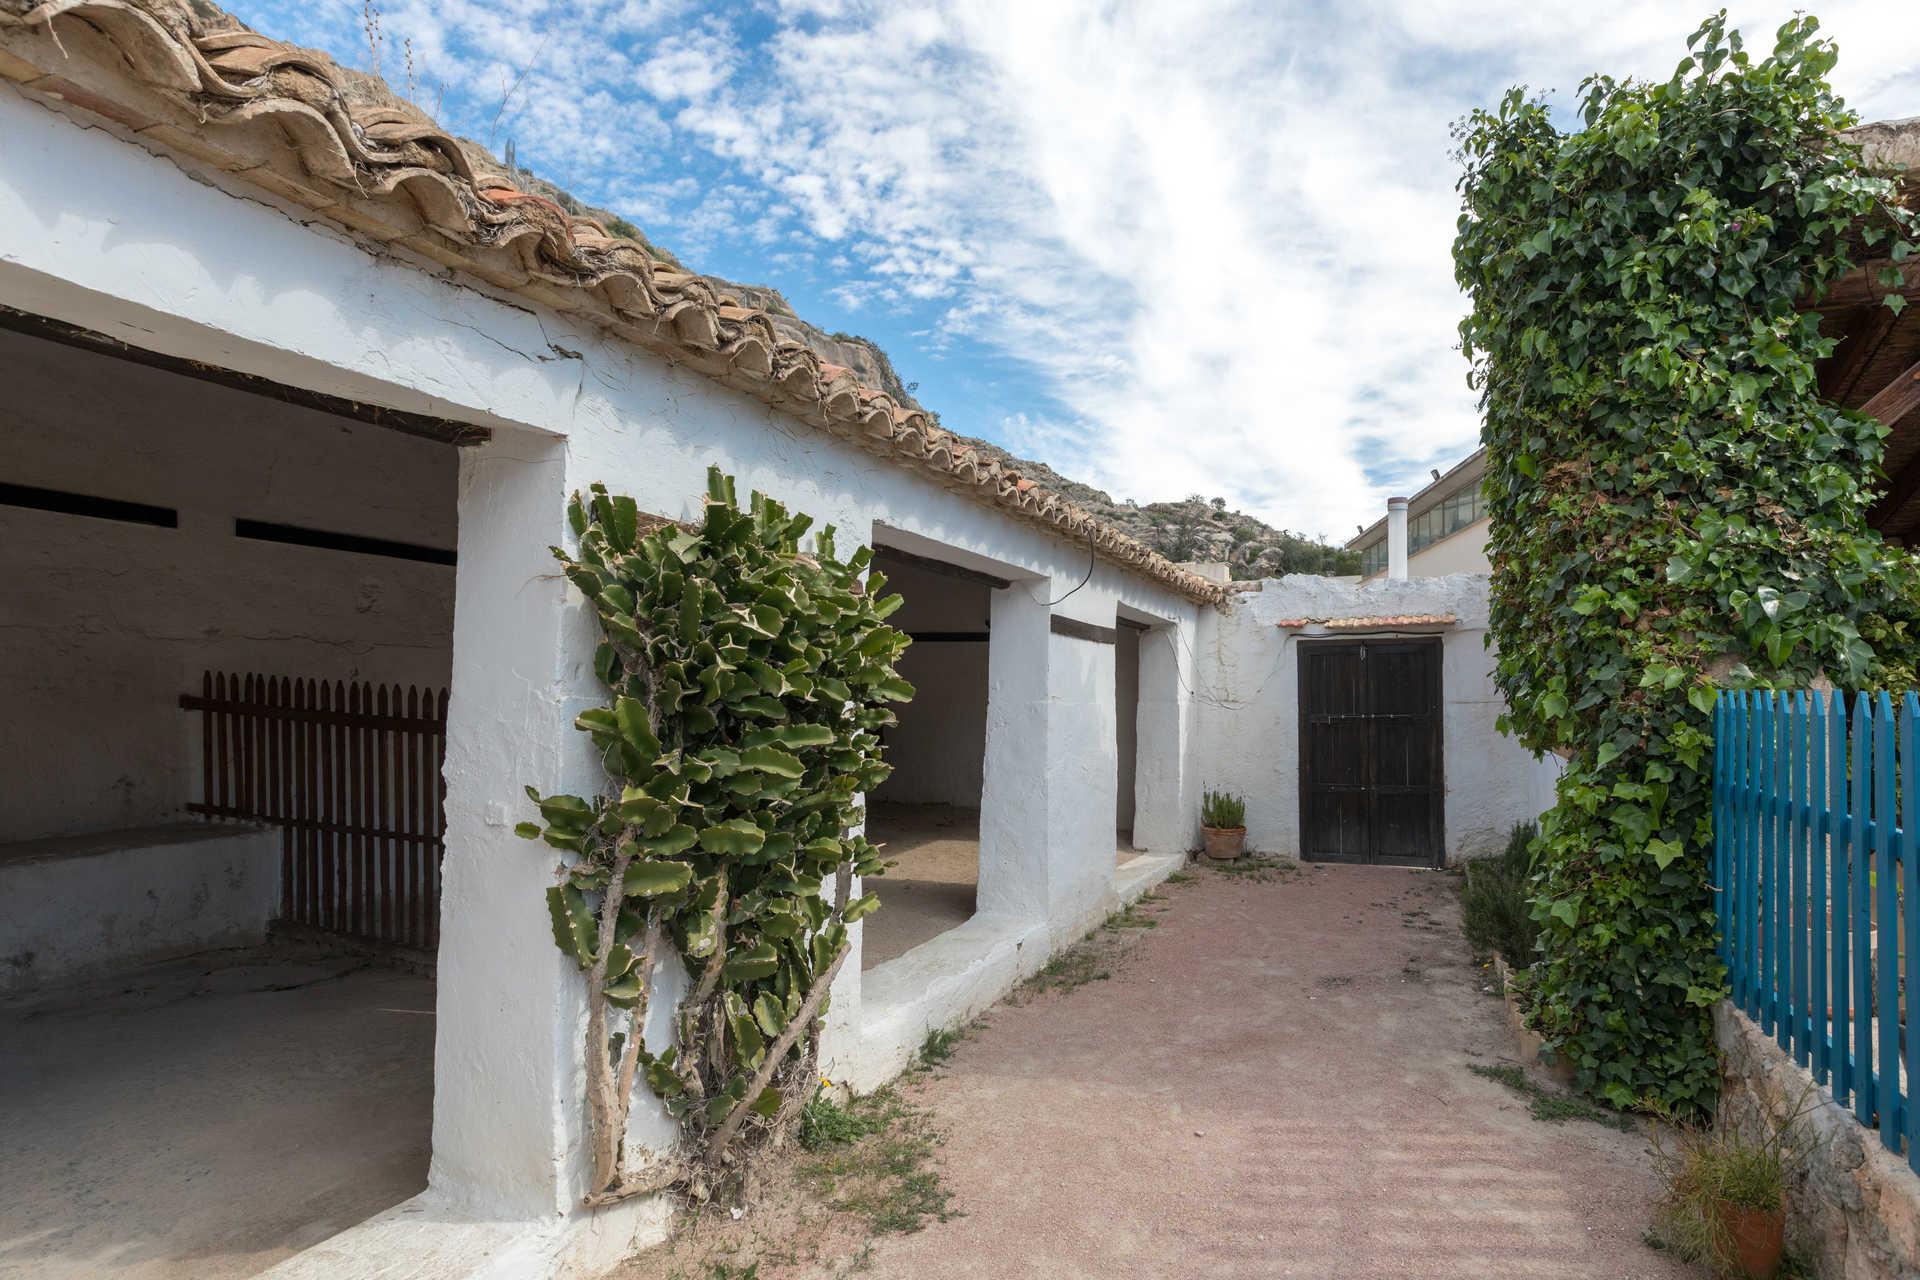 Casa-Museu Miguel Hernández